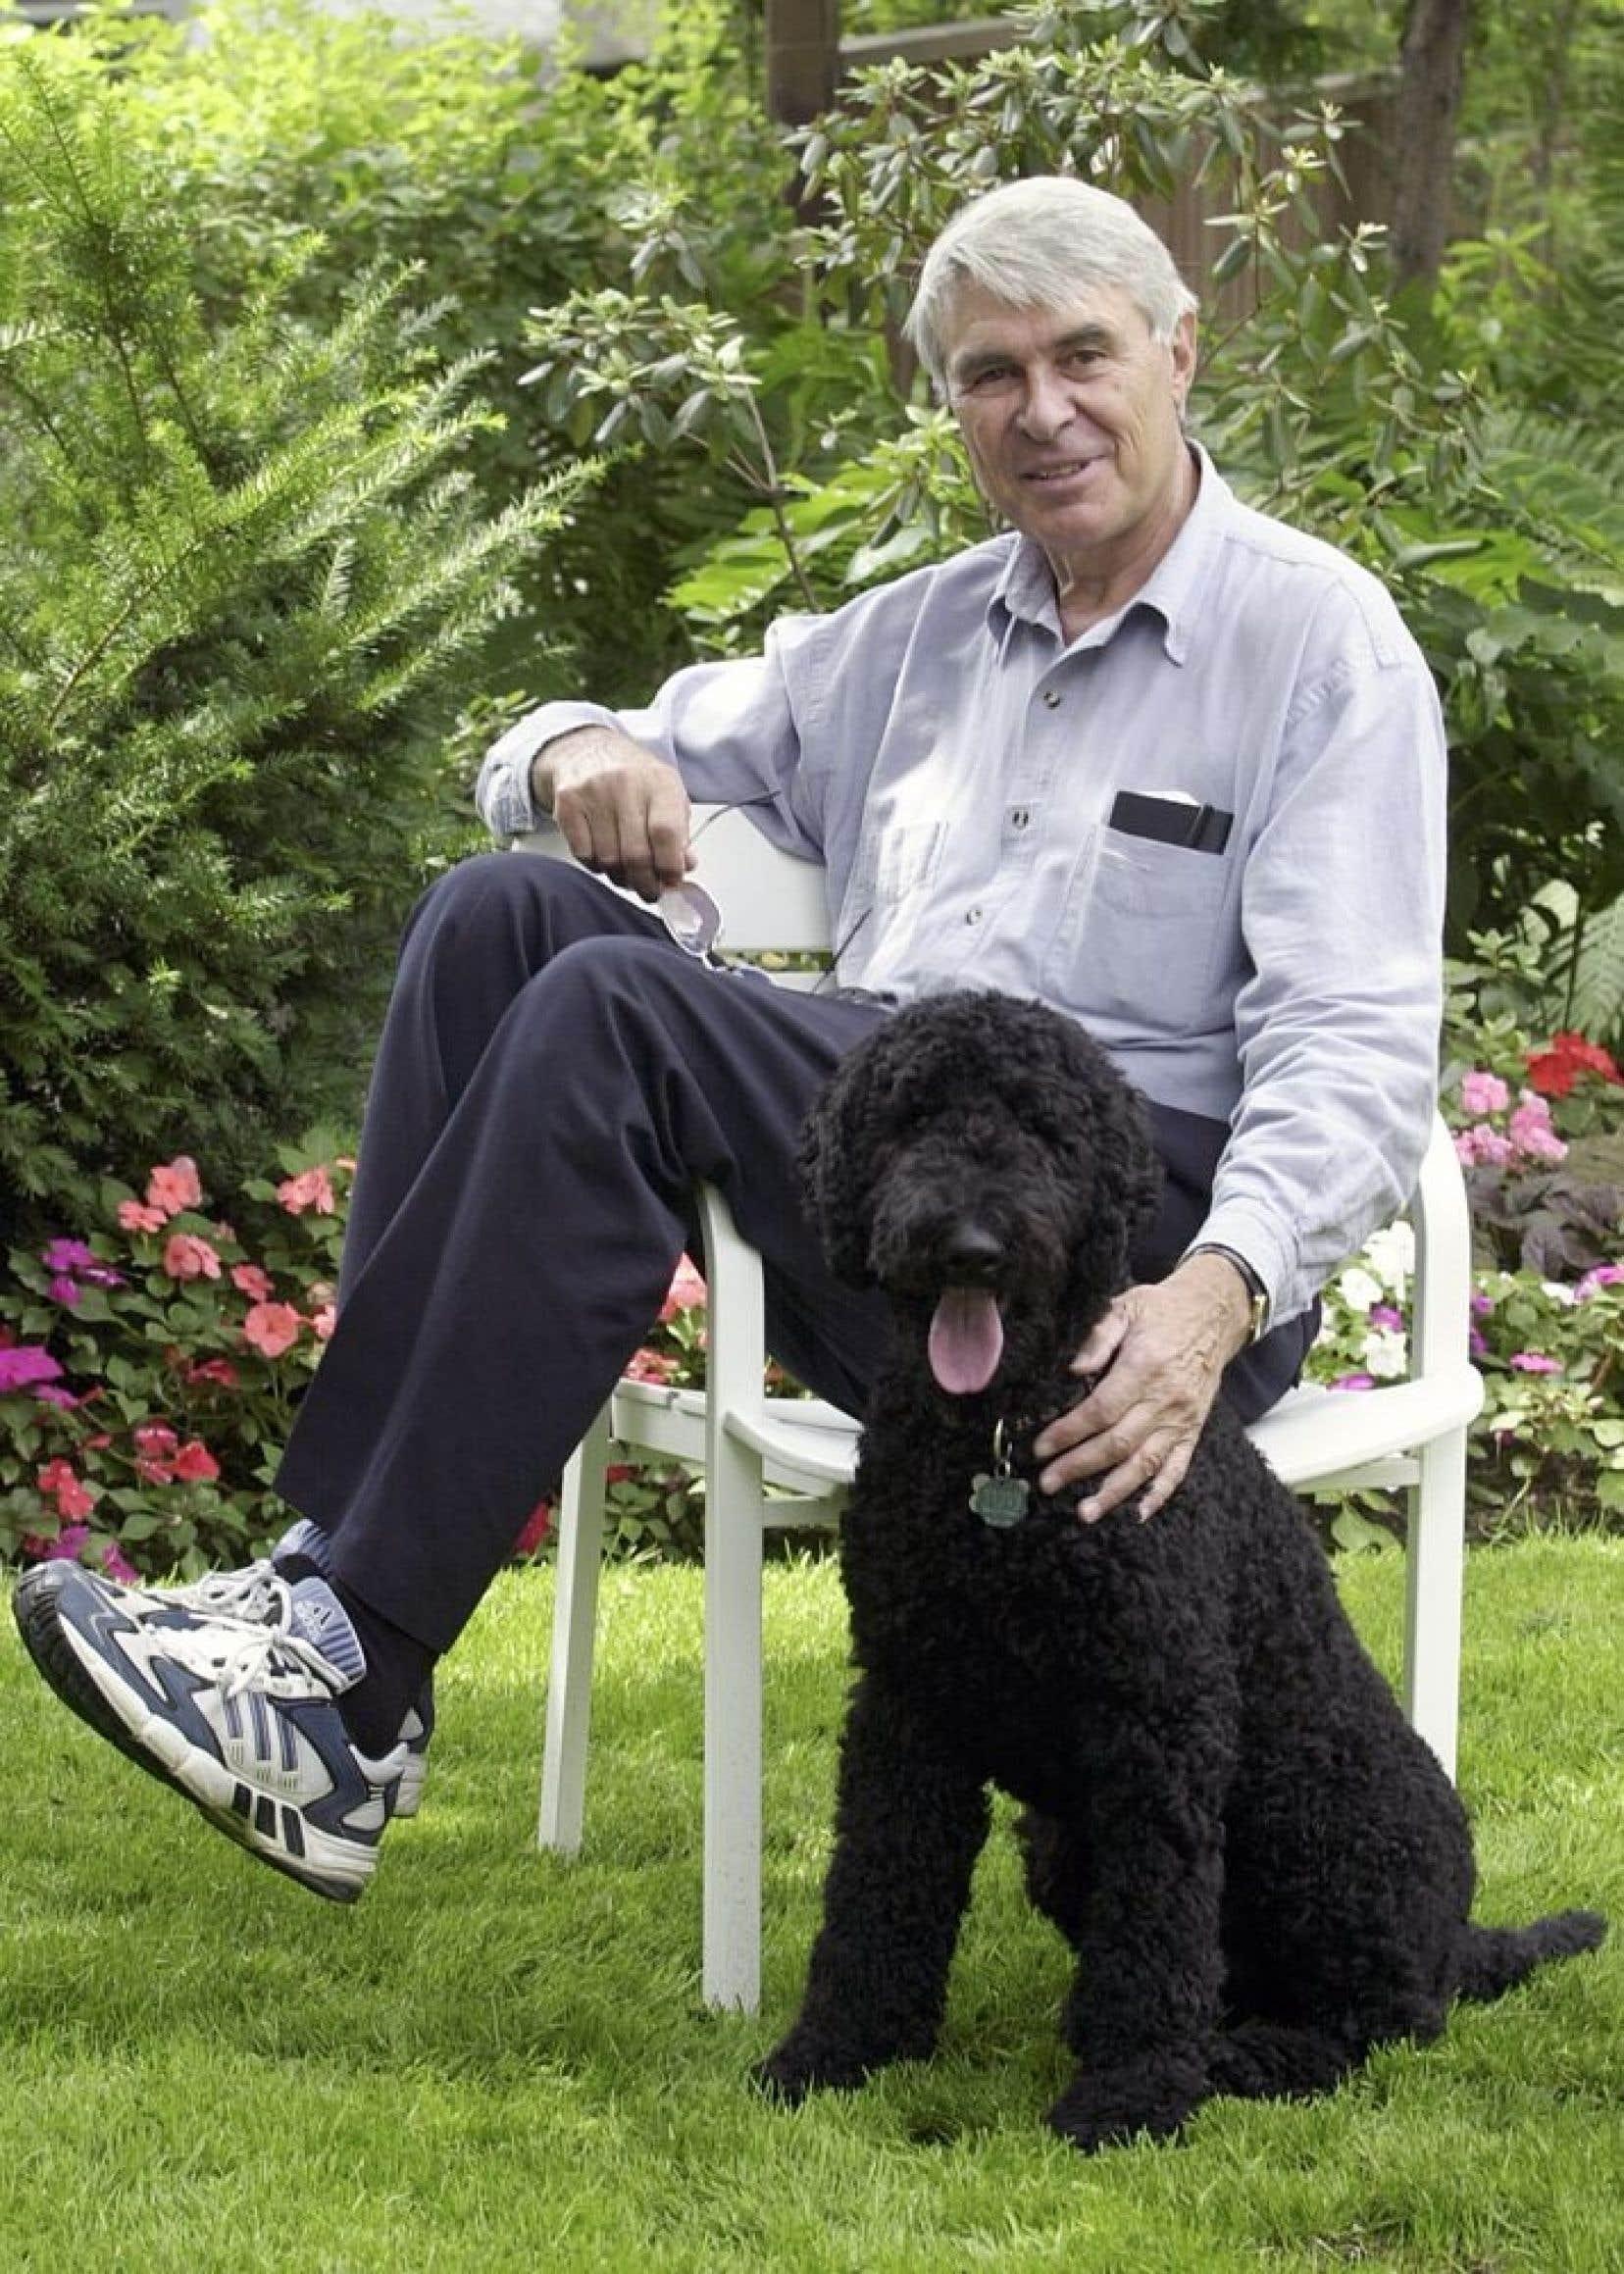 C'est la photo de Richard Garneau publiée à la une du Devoir lundi qui a ramené le souvenir. L'homme, qui nous a quittés dimanche matin à la suite de complications liées à une chirurgie cardiaque, y trône au centre en toute simplicité, assis de travers sur une chaise de jardin blanche, des chaussures de course aux pieds – forcément – flattant affectueusement un chien noir tout en regardant l'objectif de l'appareil photo de Jacques Nadeau.